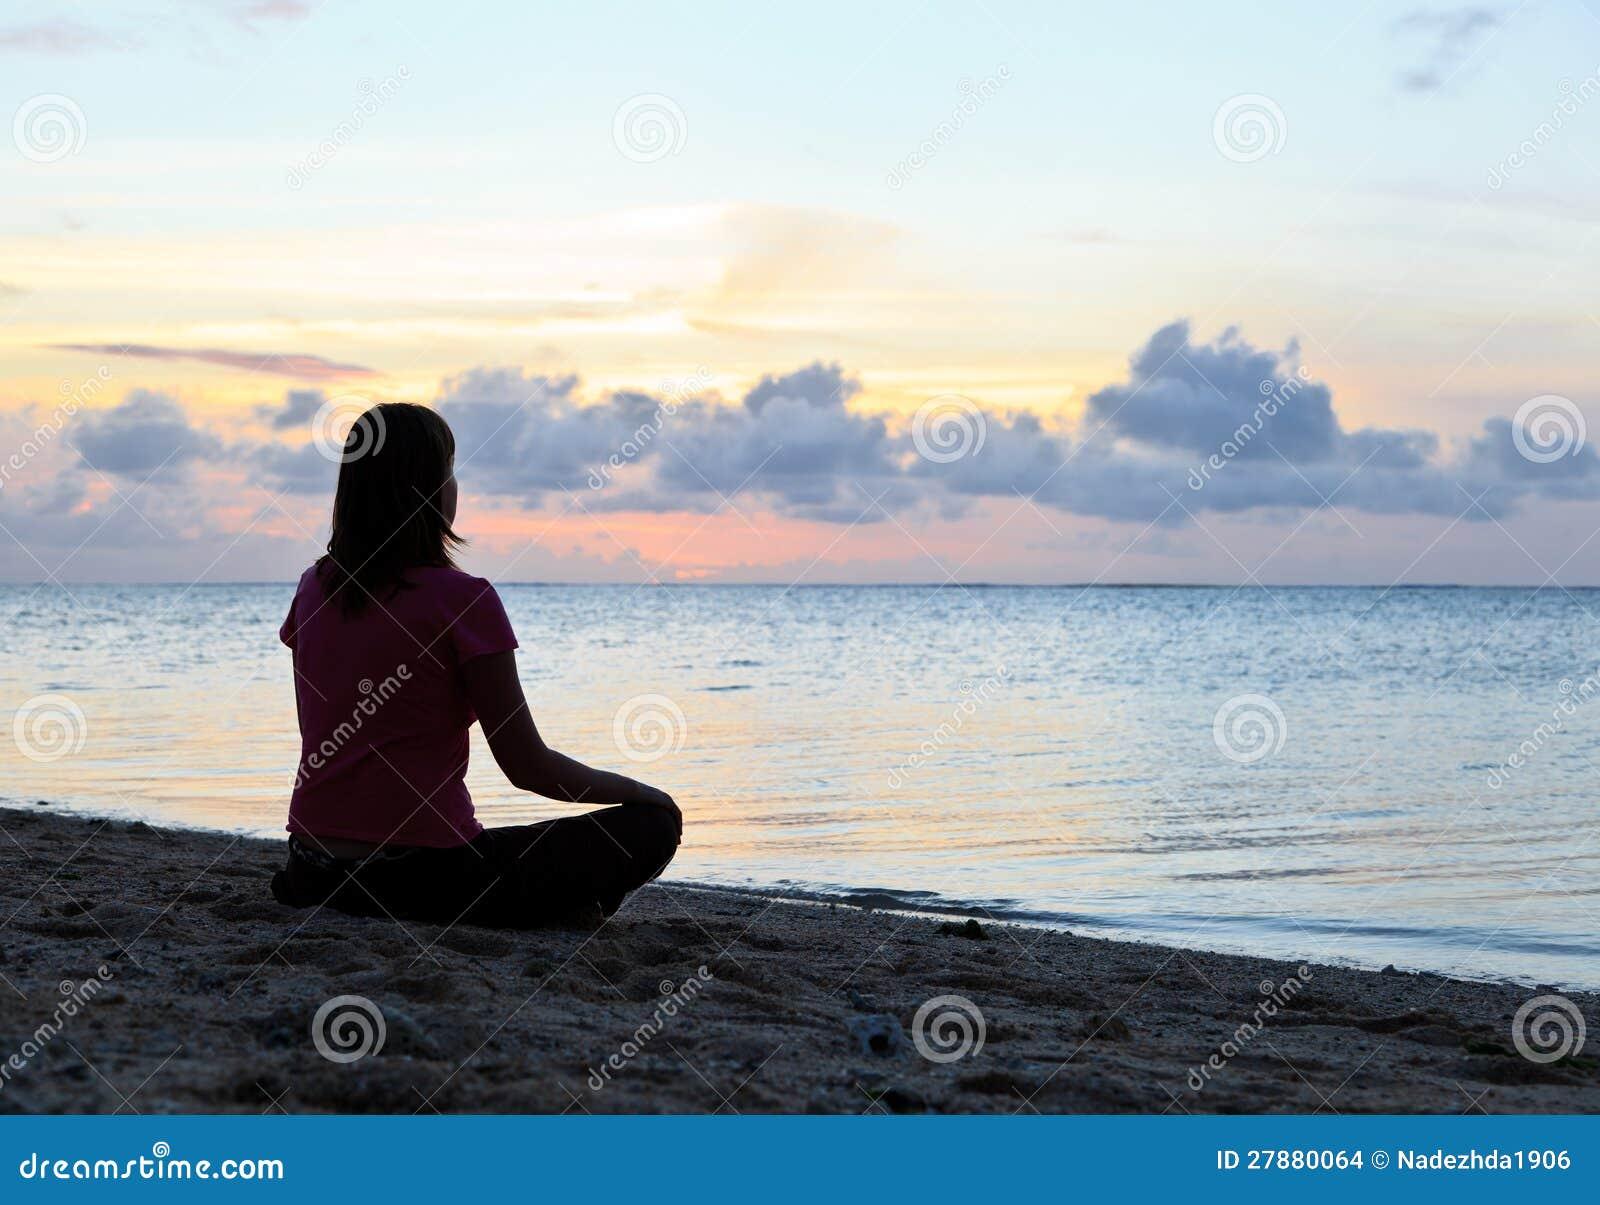 Woman meditation on the beach